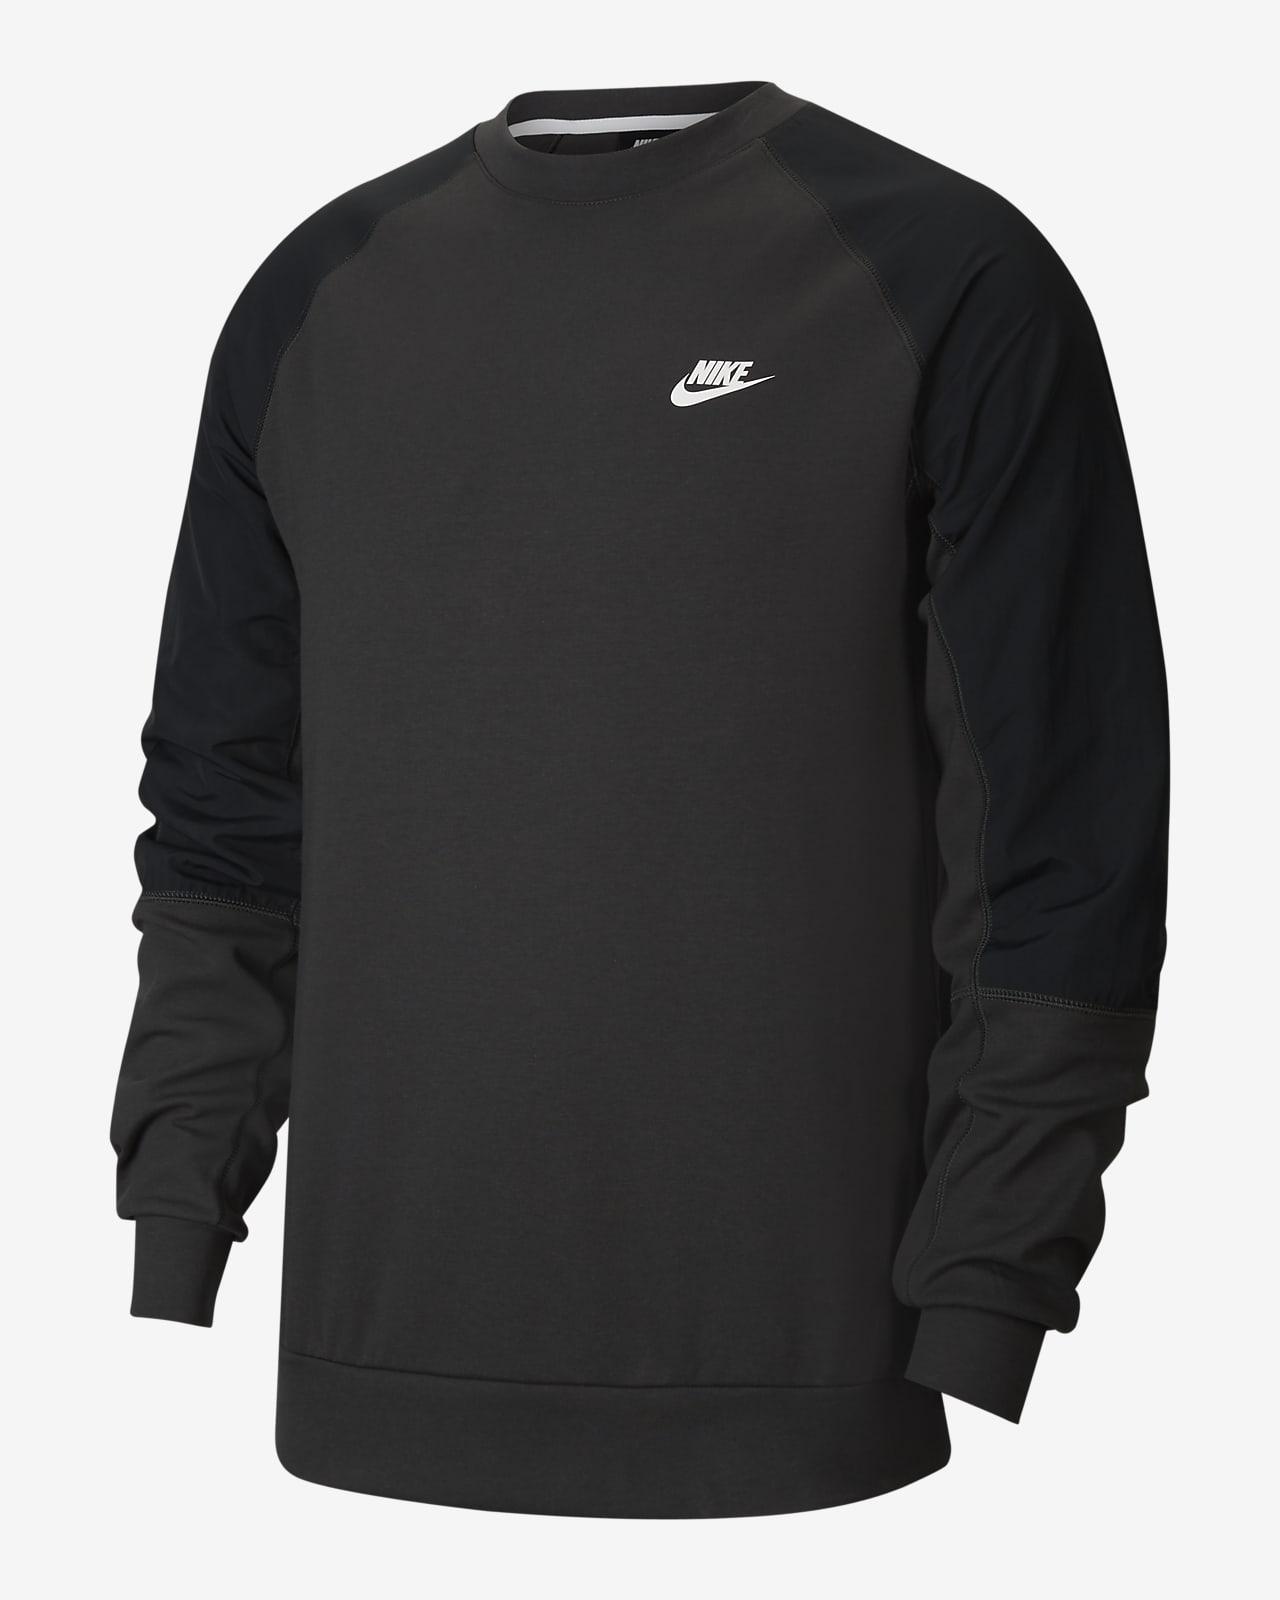 Nike Sportswear Modern Essentials Men's Long-Sleeve Fleece Top